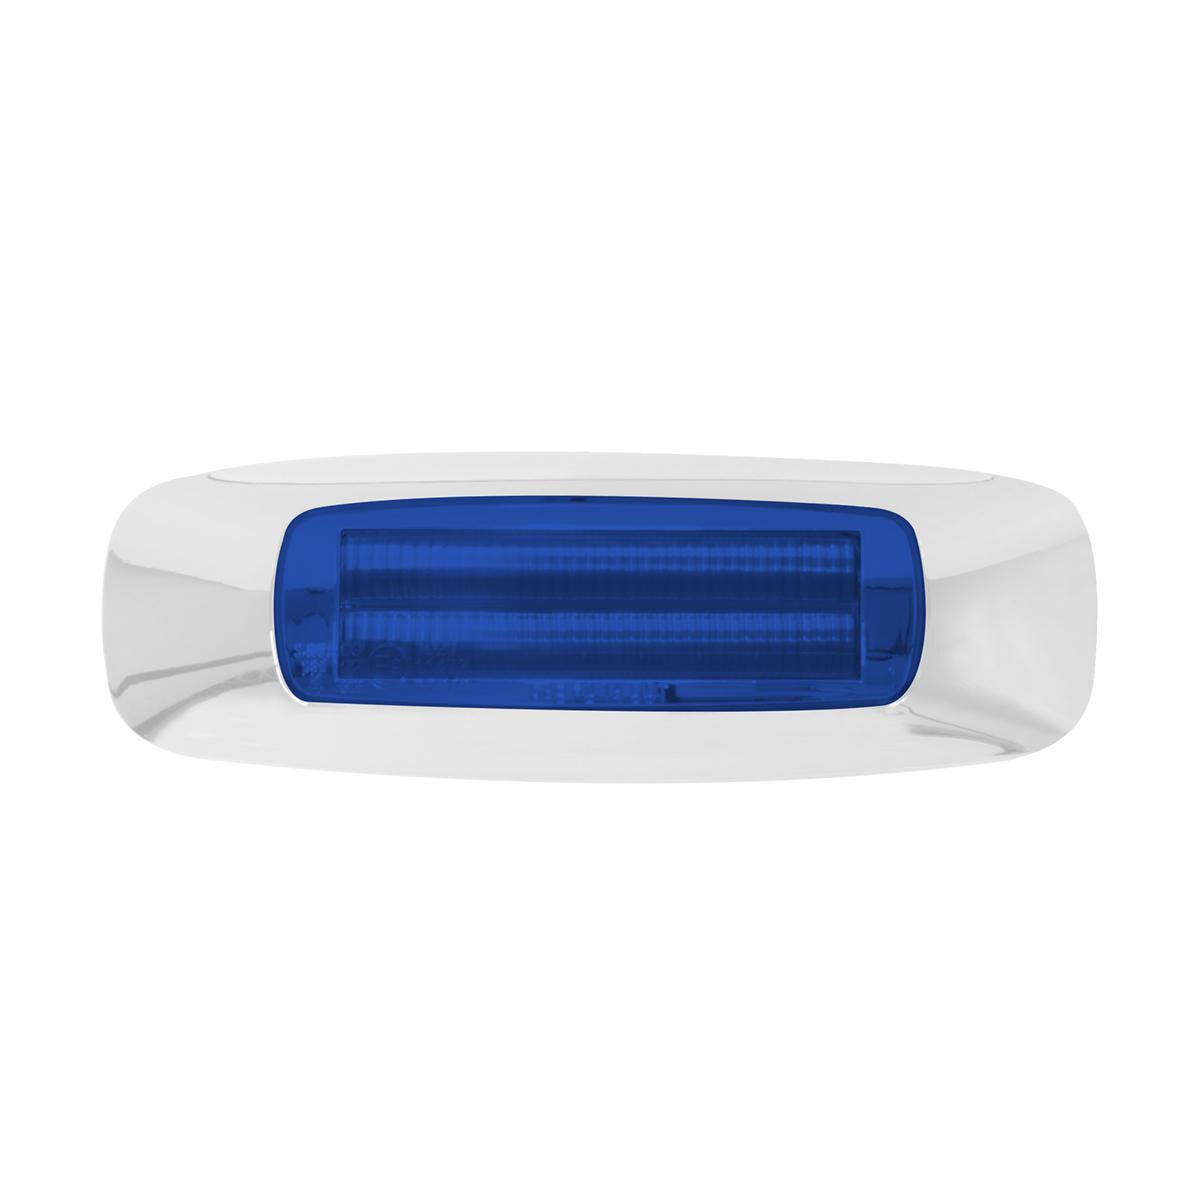 """74835 4-5/8"""" Rectangular Prime LED Marker Light in Blue/Blue"""